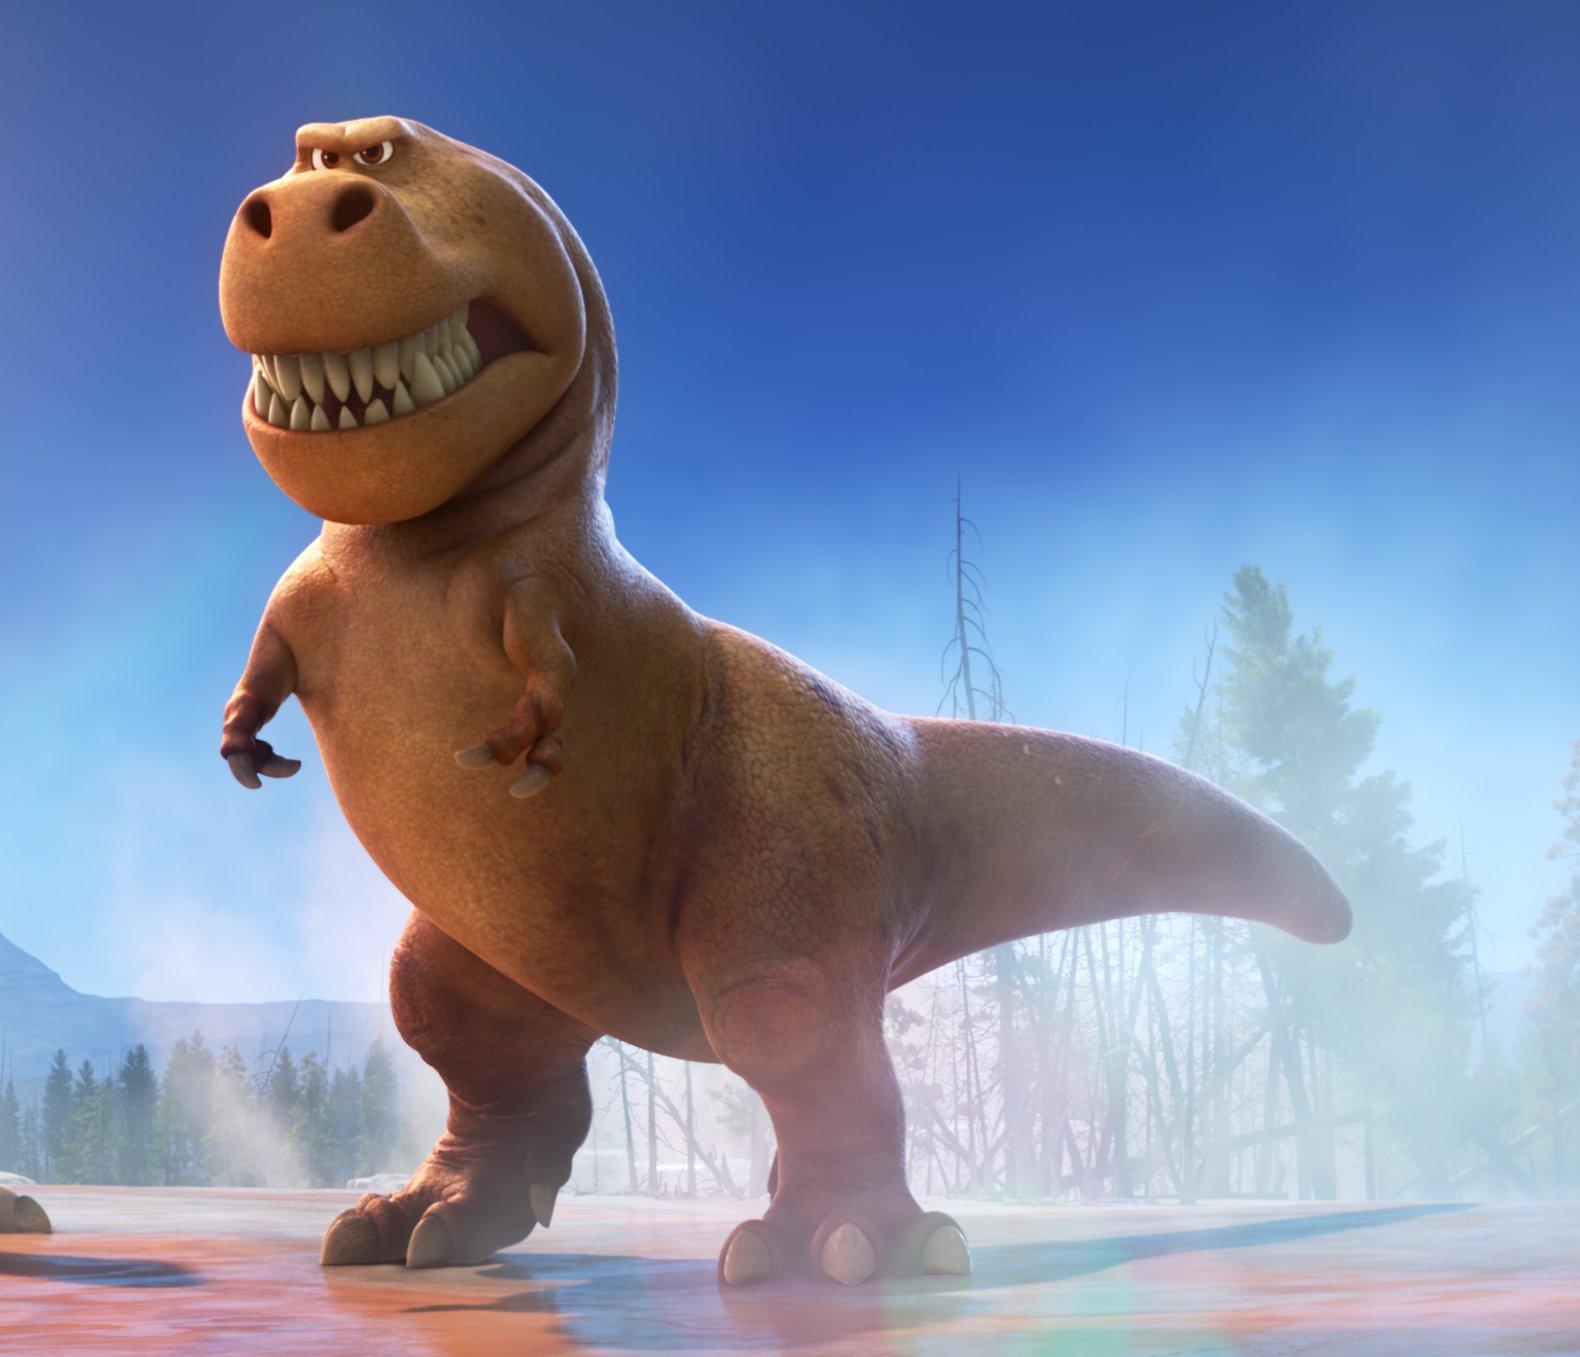 динозавры дисней картинки доброкачественного нароста или